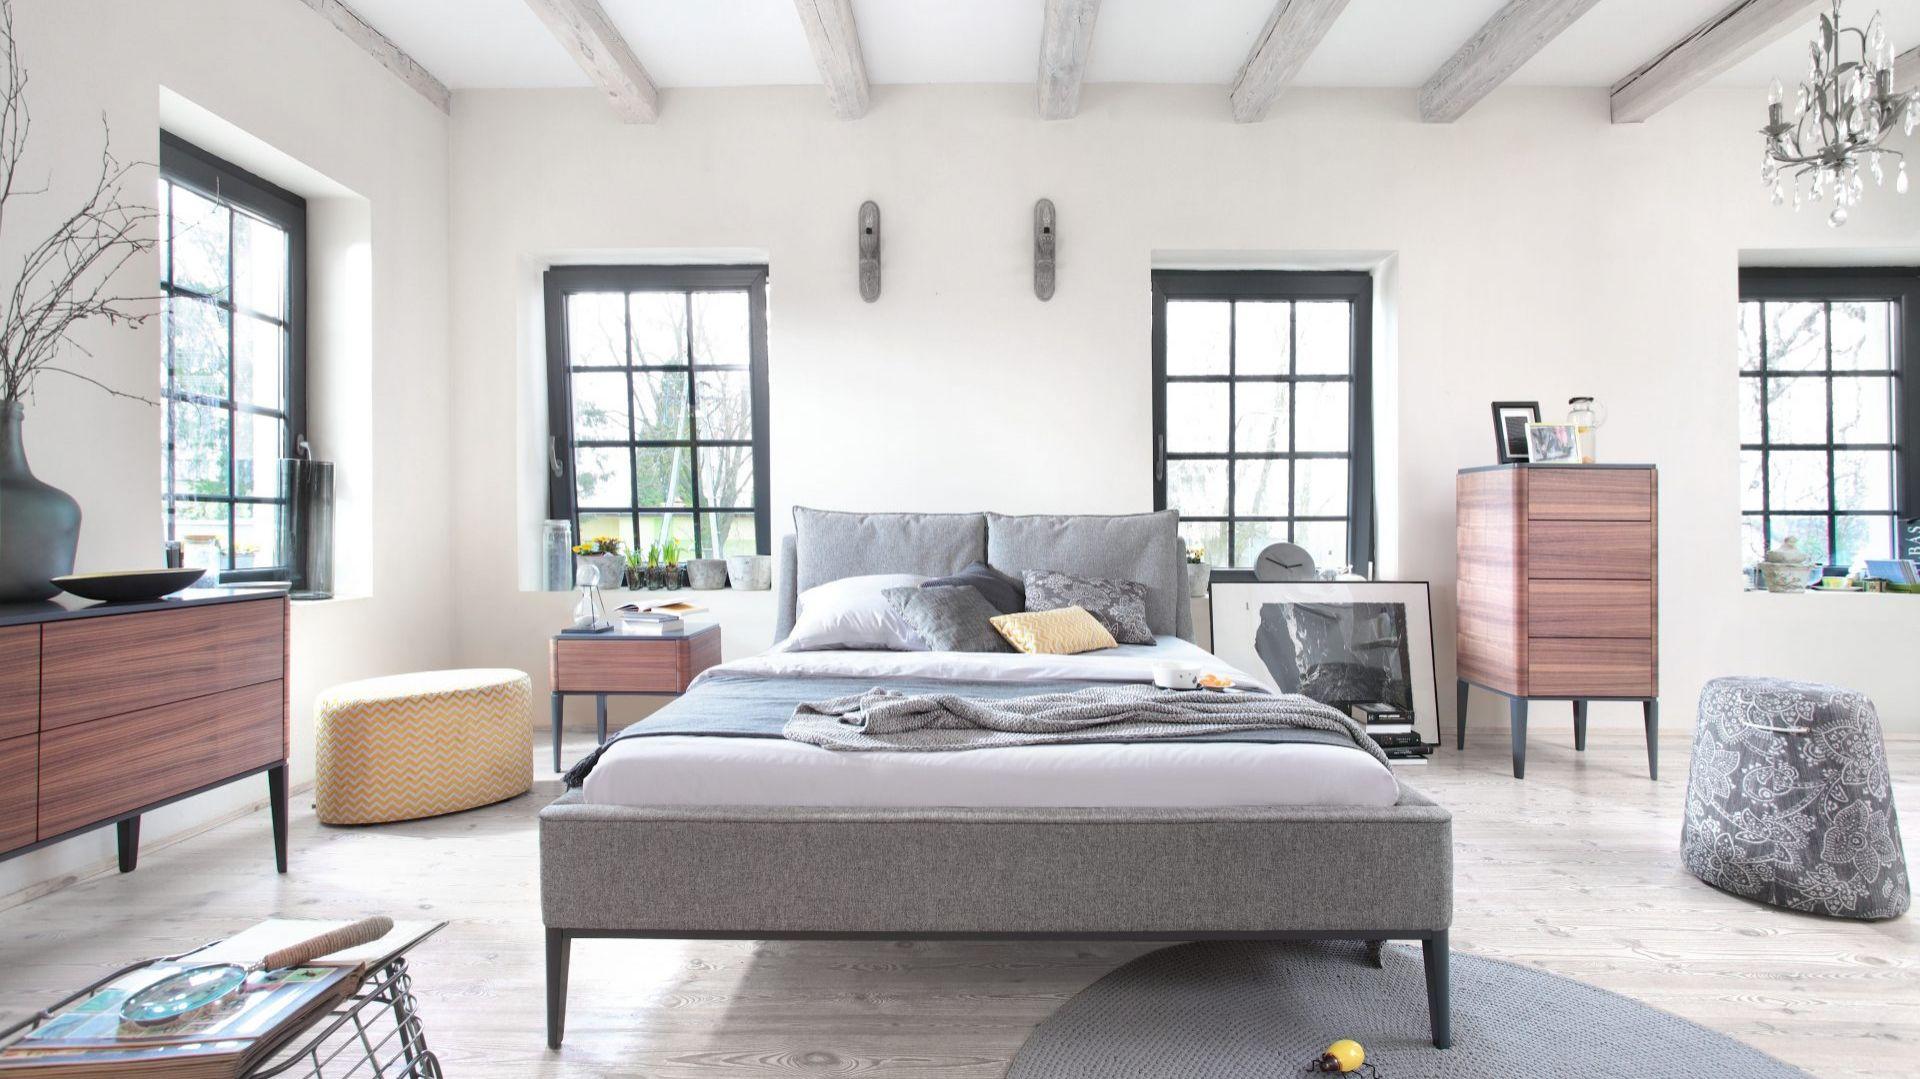 Łóżko Essence, 160 lub 180 cm, tapicerka: tkanina obiciowa. Luźne poduszki, mocowane do zagłowia na rzepy. Nogi i rama drewno bukowe lub dębowe. Mebel sprawia wrażenie wizualnie lekkiego, dzięki smukłym, drewnianym nóżkom i dekoracyjnej listwie, a jego forma ułatwia sprzątanie w sypialni. Od 7100 zł, Swarzędz Home